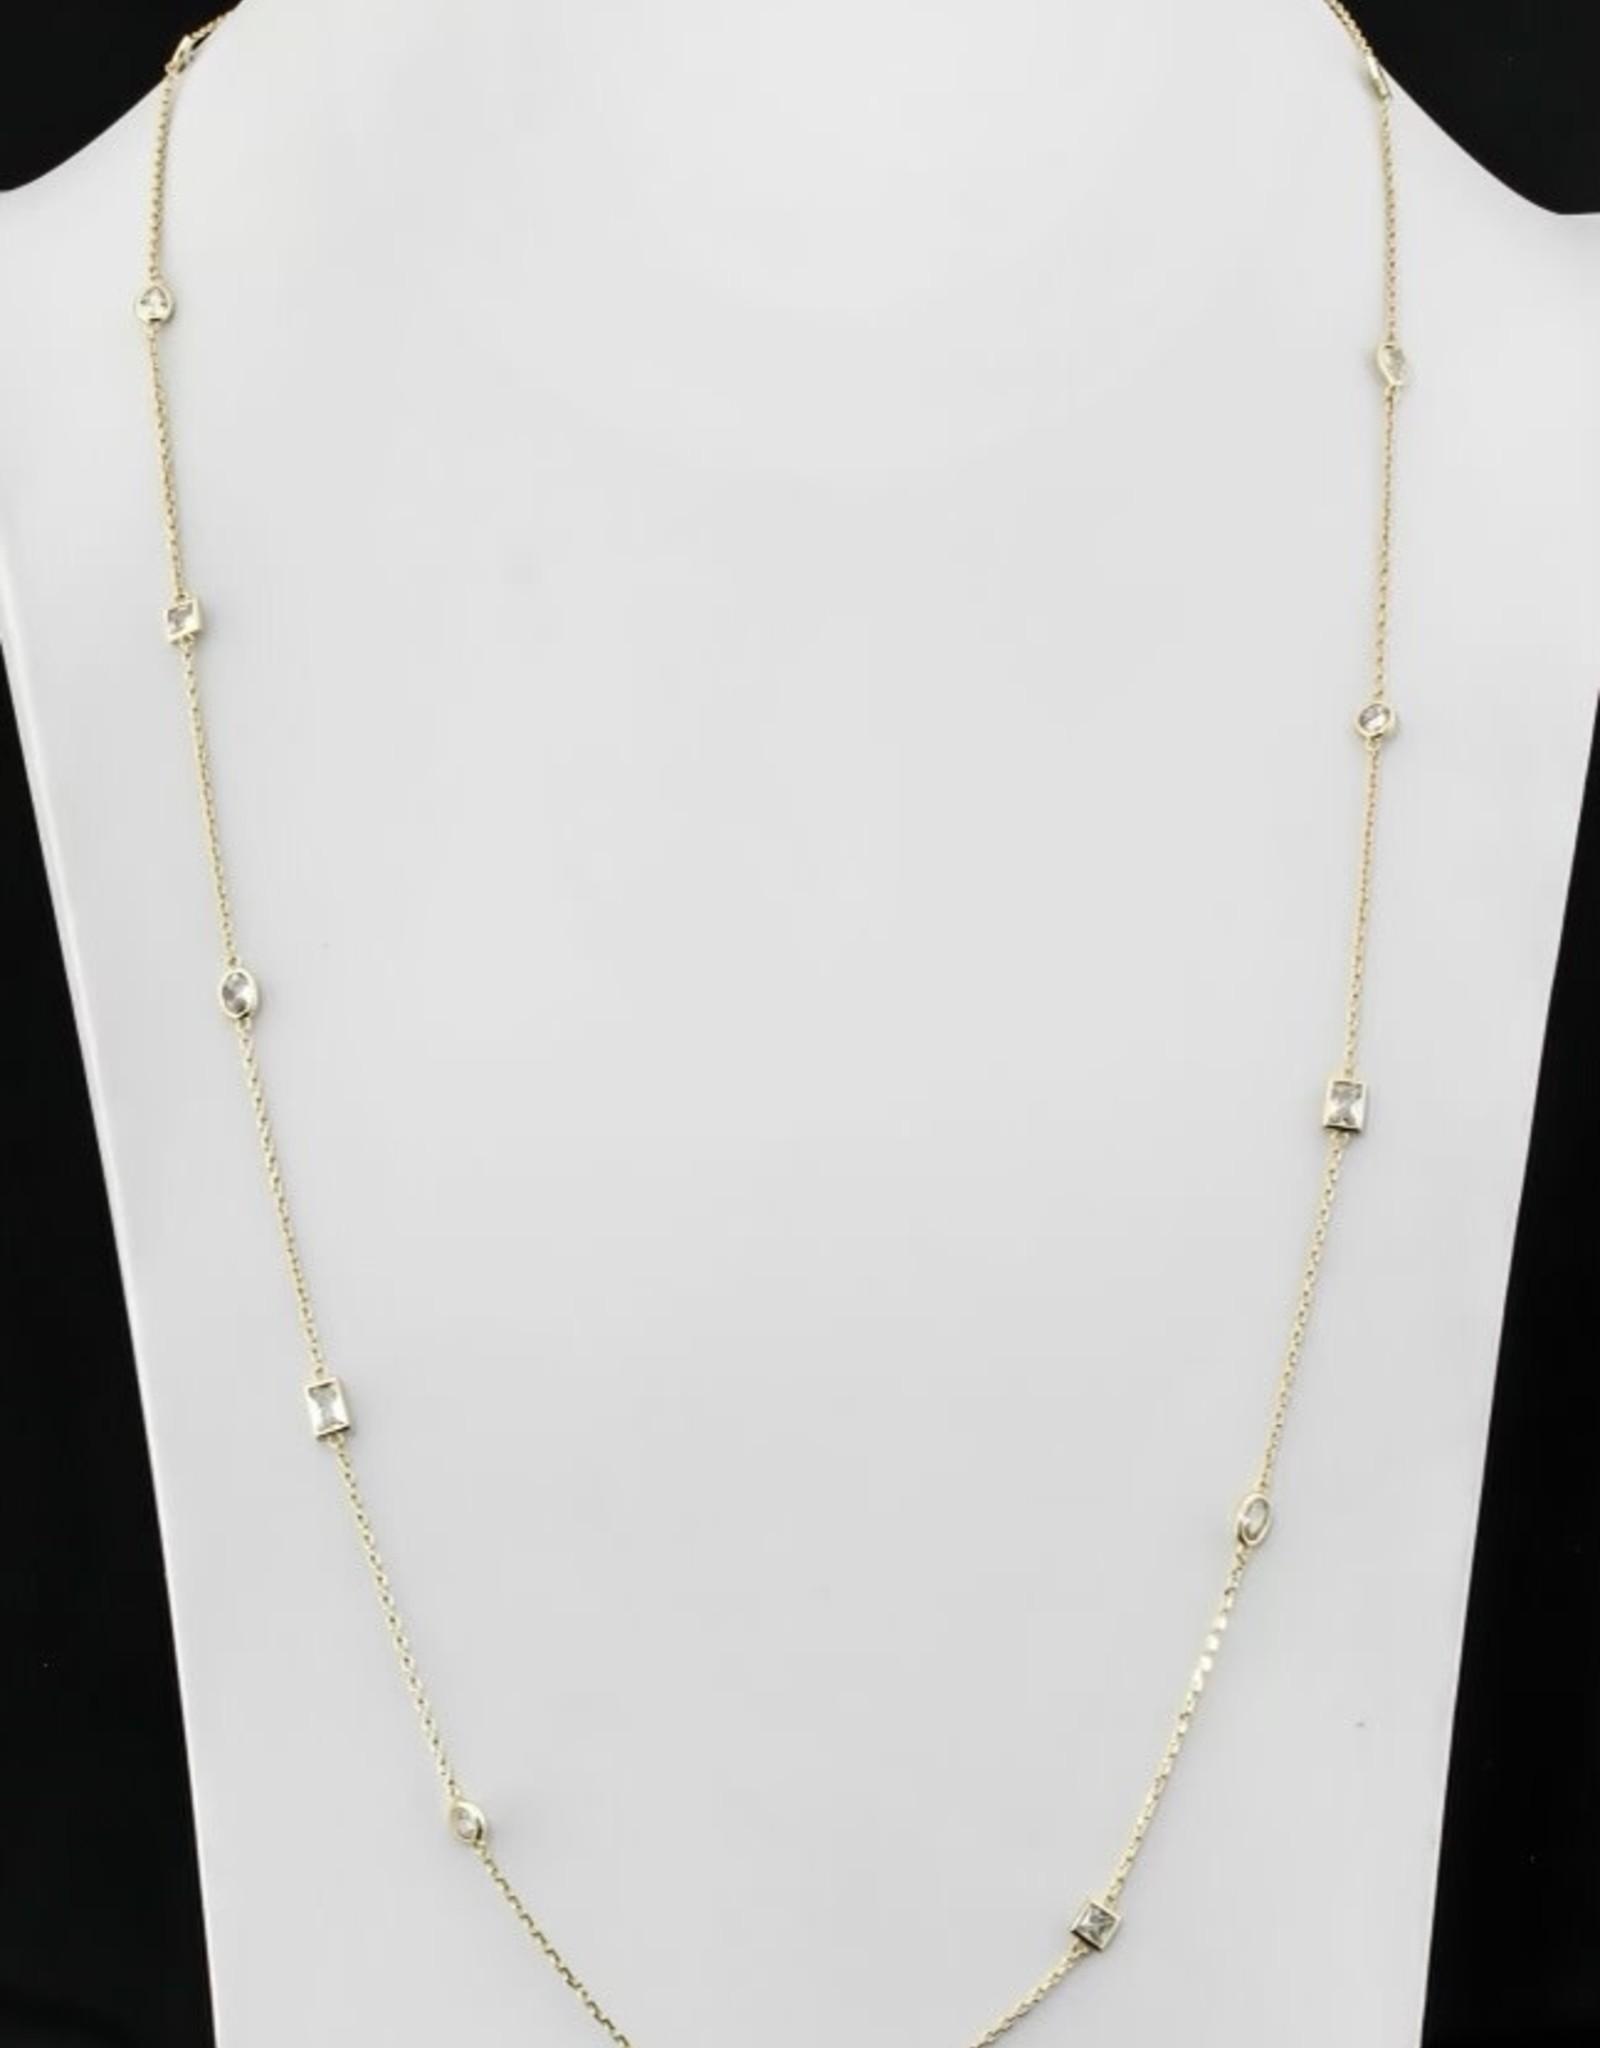 36 inch Long Necklace w/CZ's